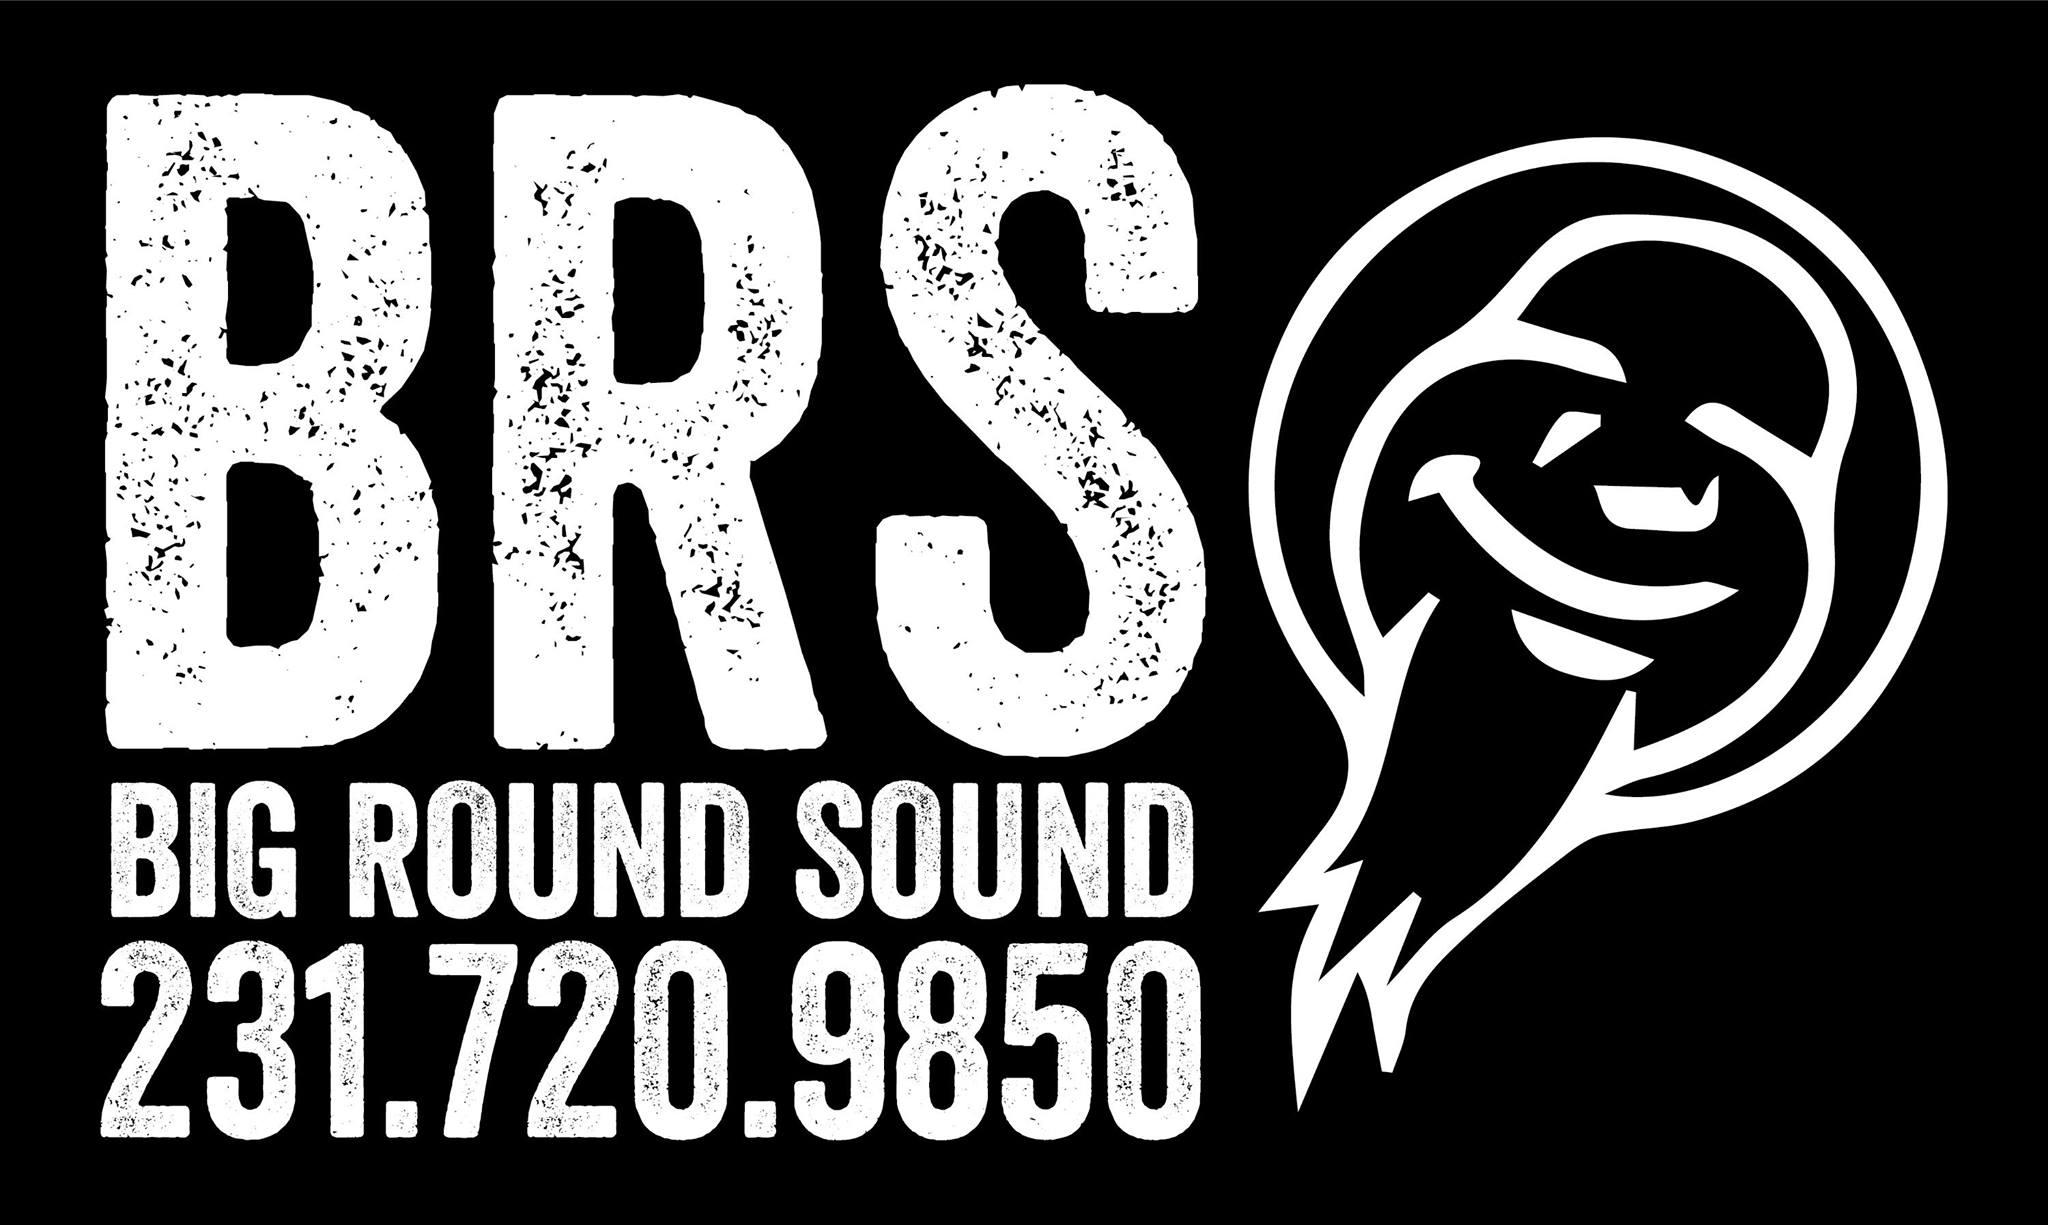 Big Round Sound